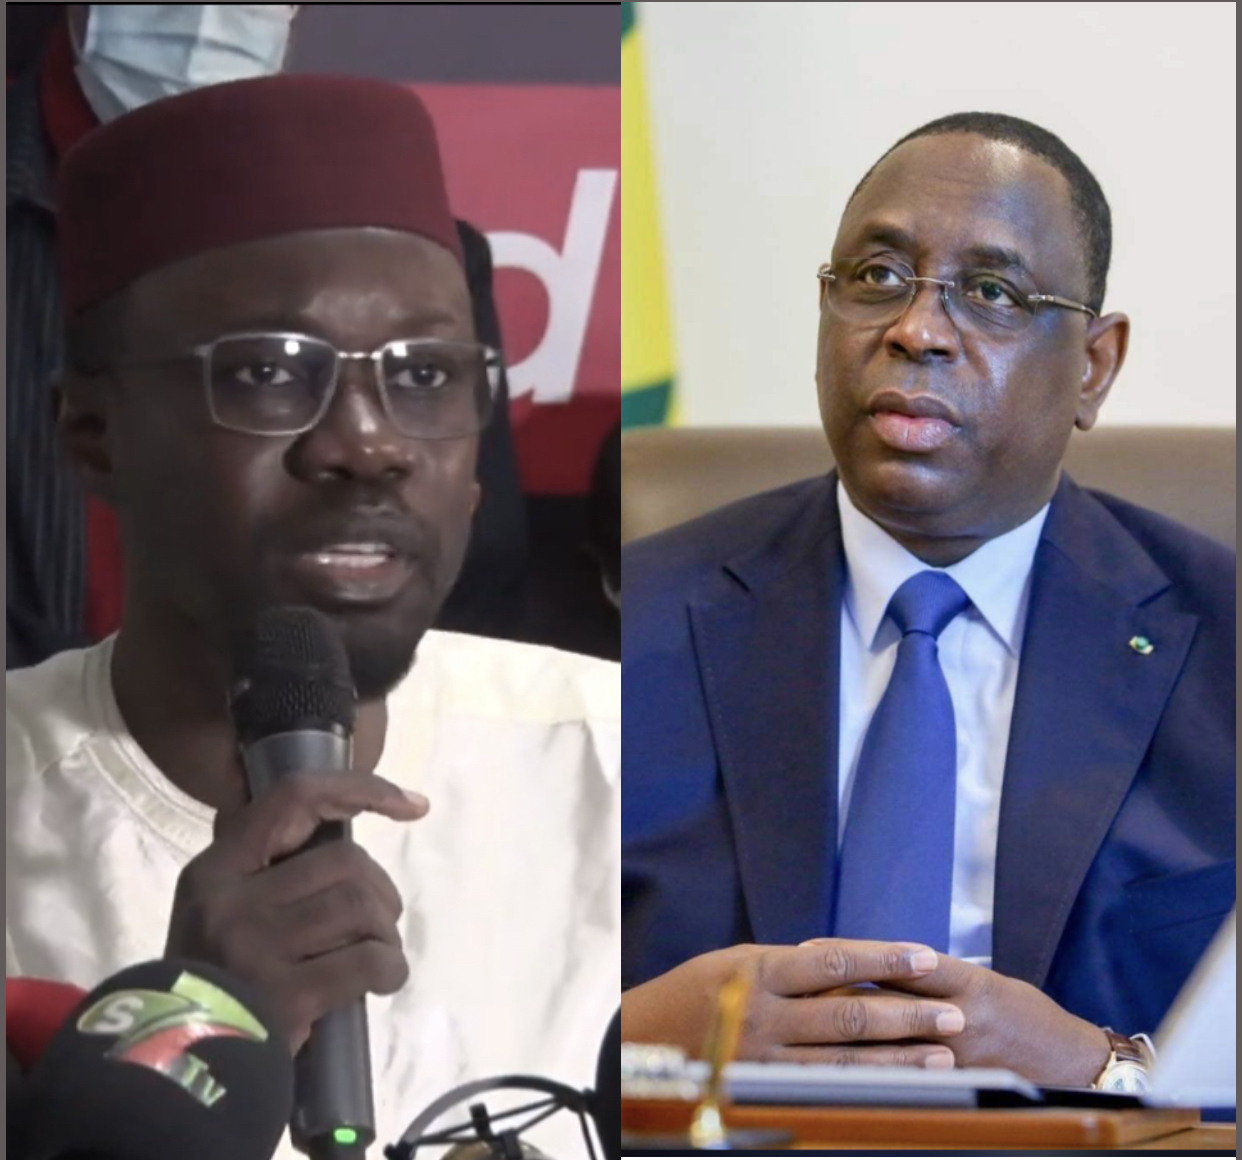 Bipolarisation de la scène politique sénégalaise / Ousmane Sonko, Macky Sall et l'autre partie de l'opposition: A Qui profite la situation actuelle?